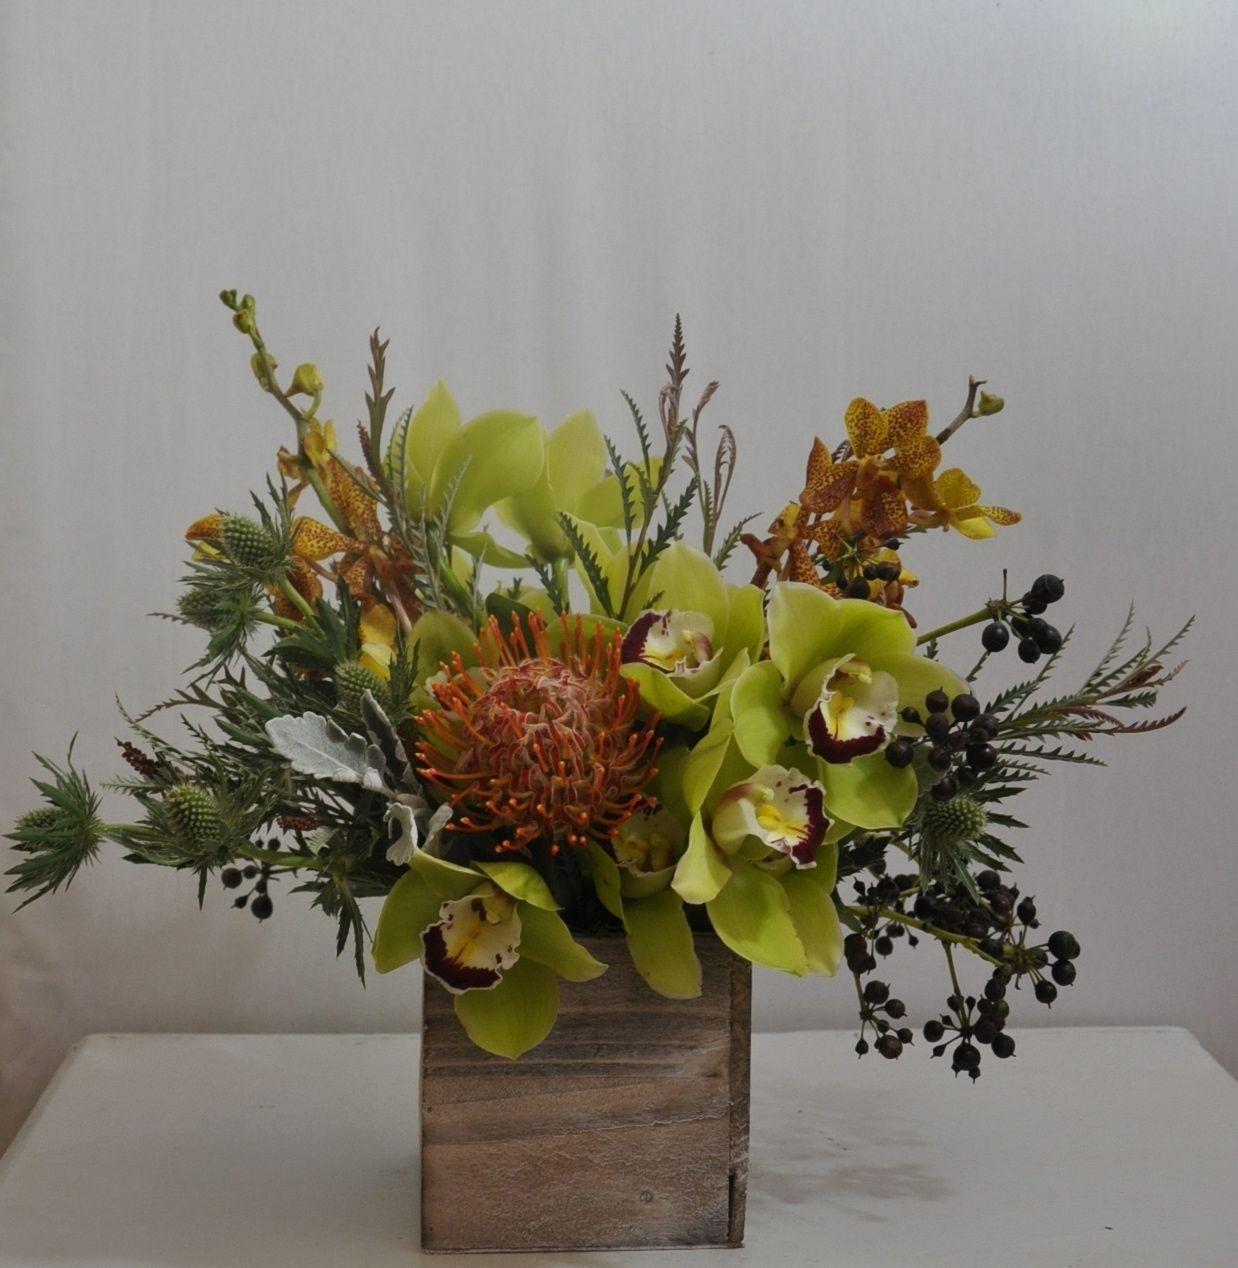 Rachel (With images) Tropical flower arrangements